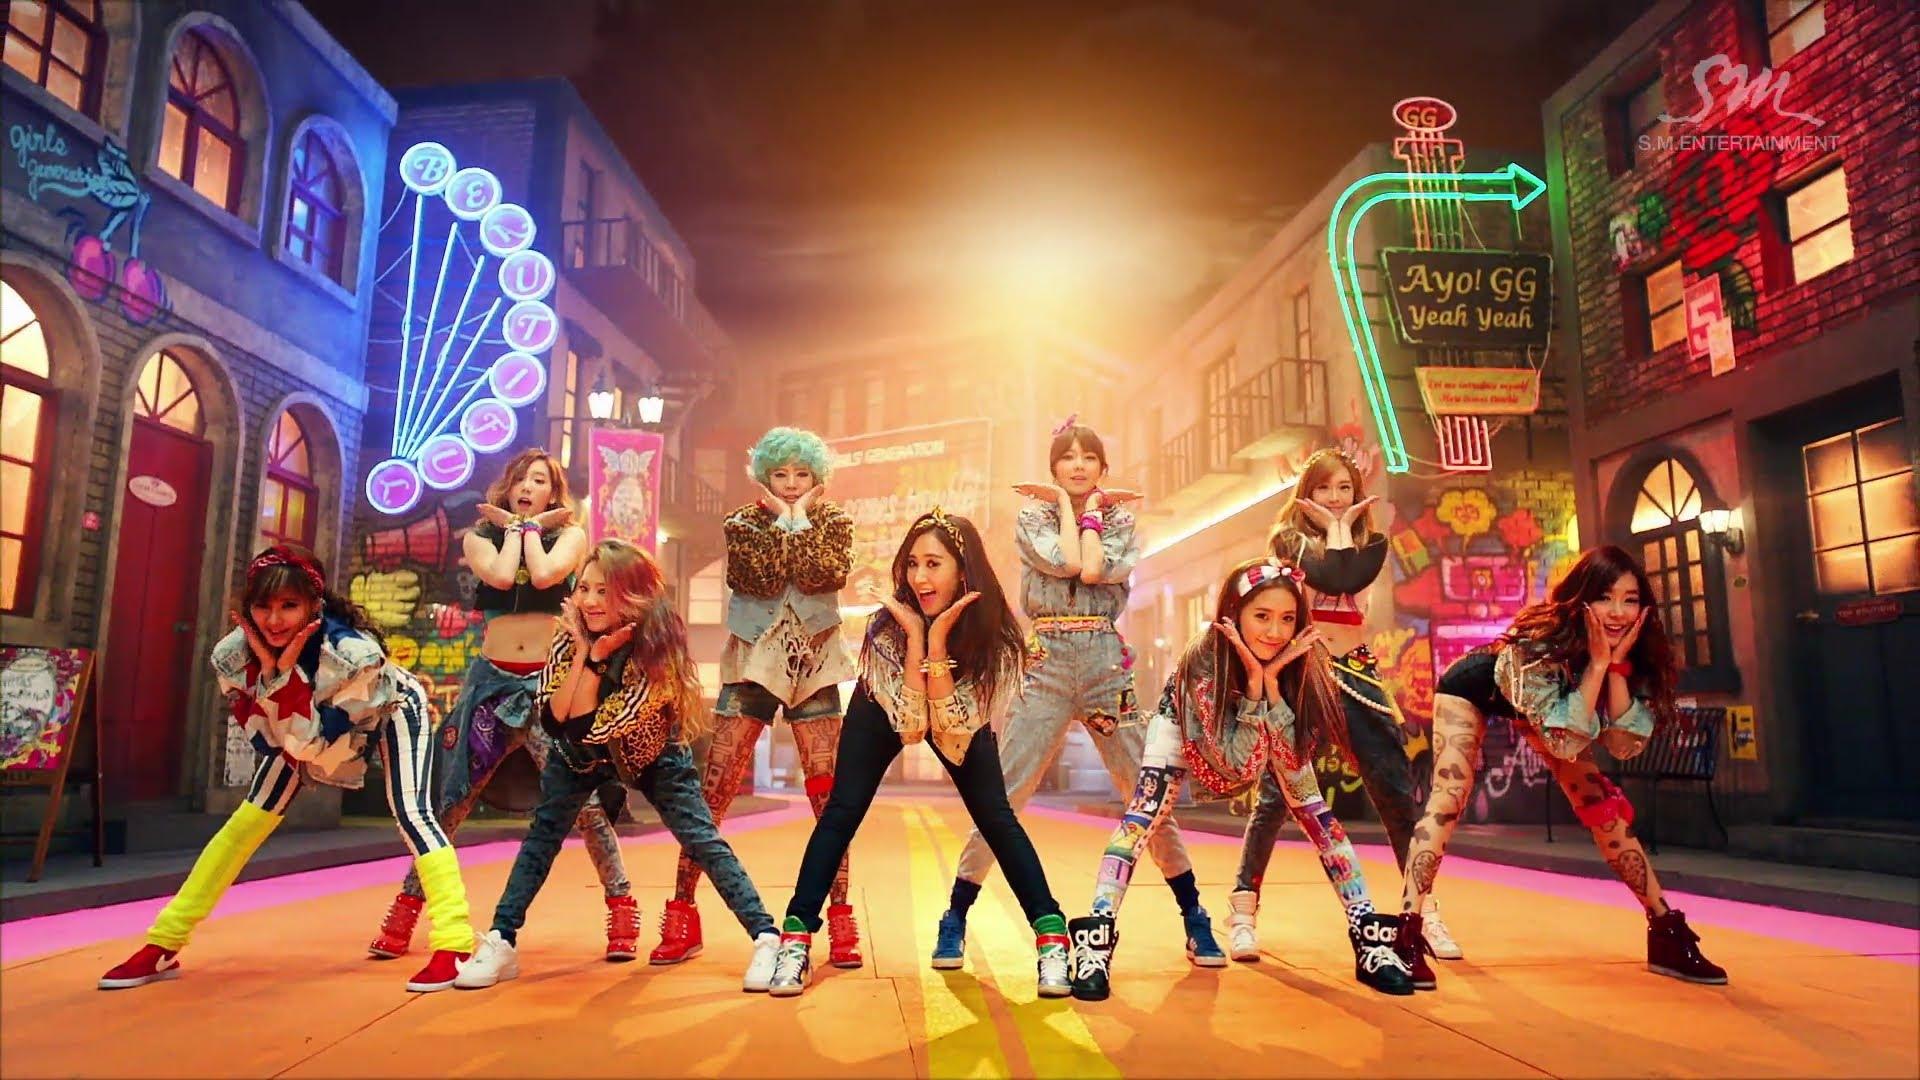 Корейская поп-музыка – ваша новая стыдная любовь (объясняем ее с гифками) | gq russia